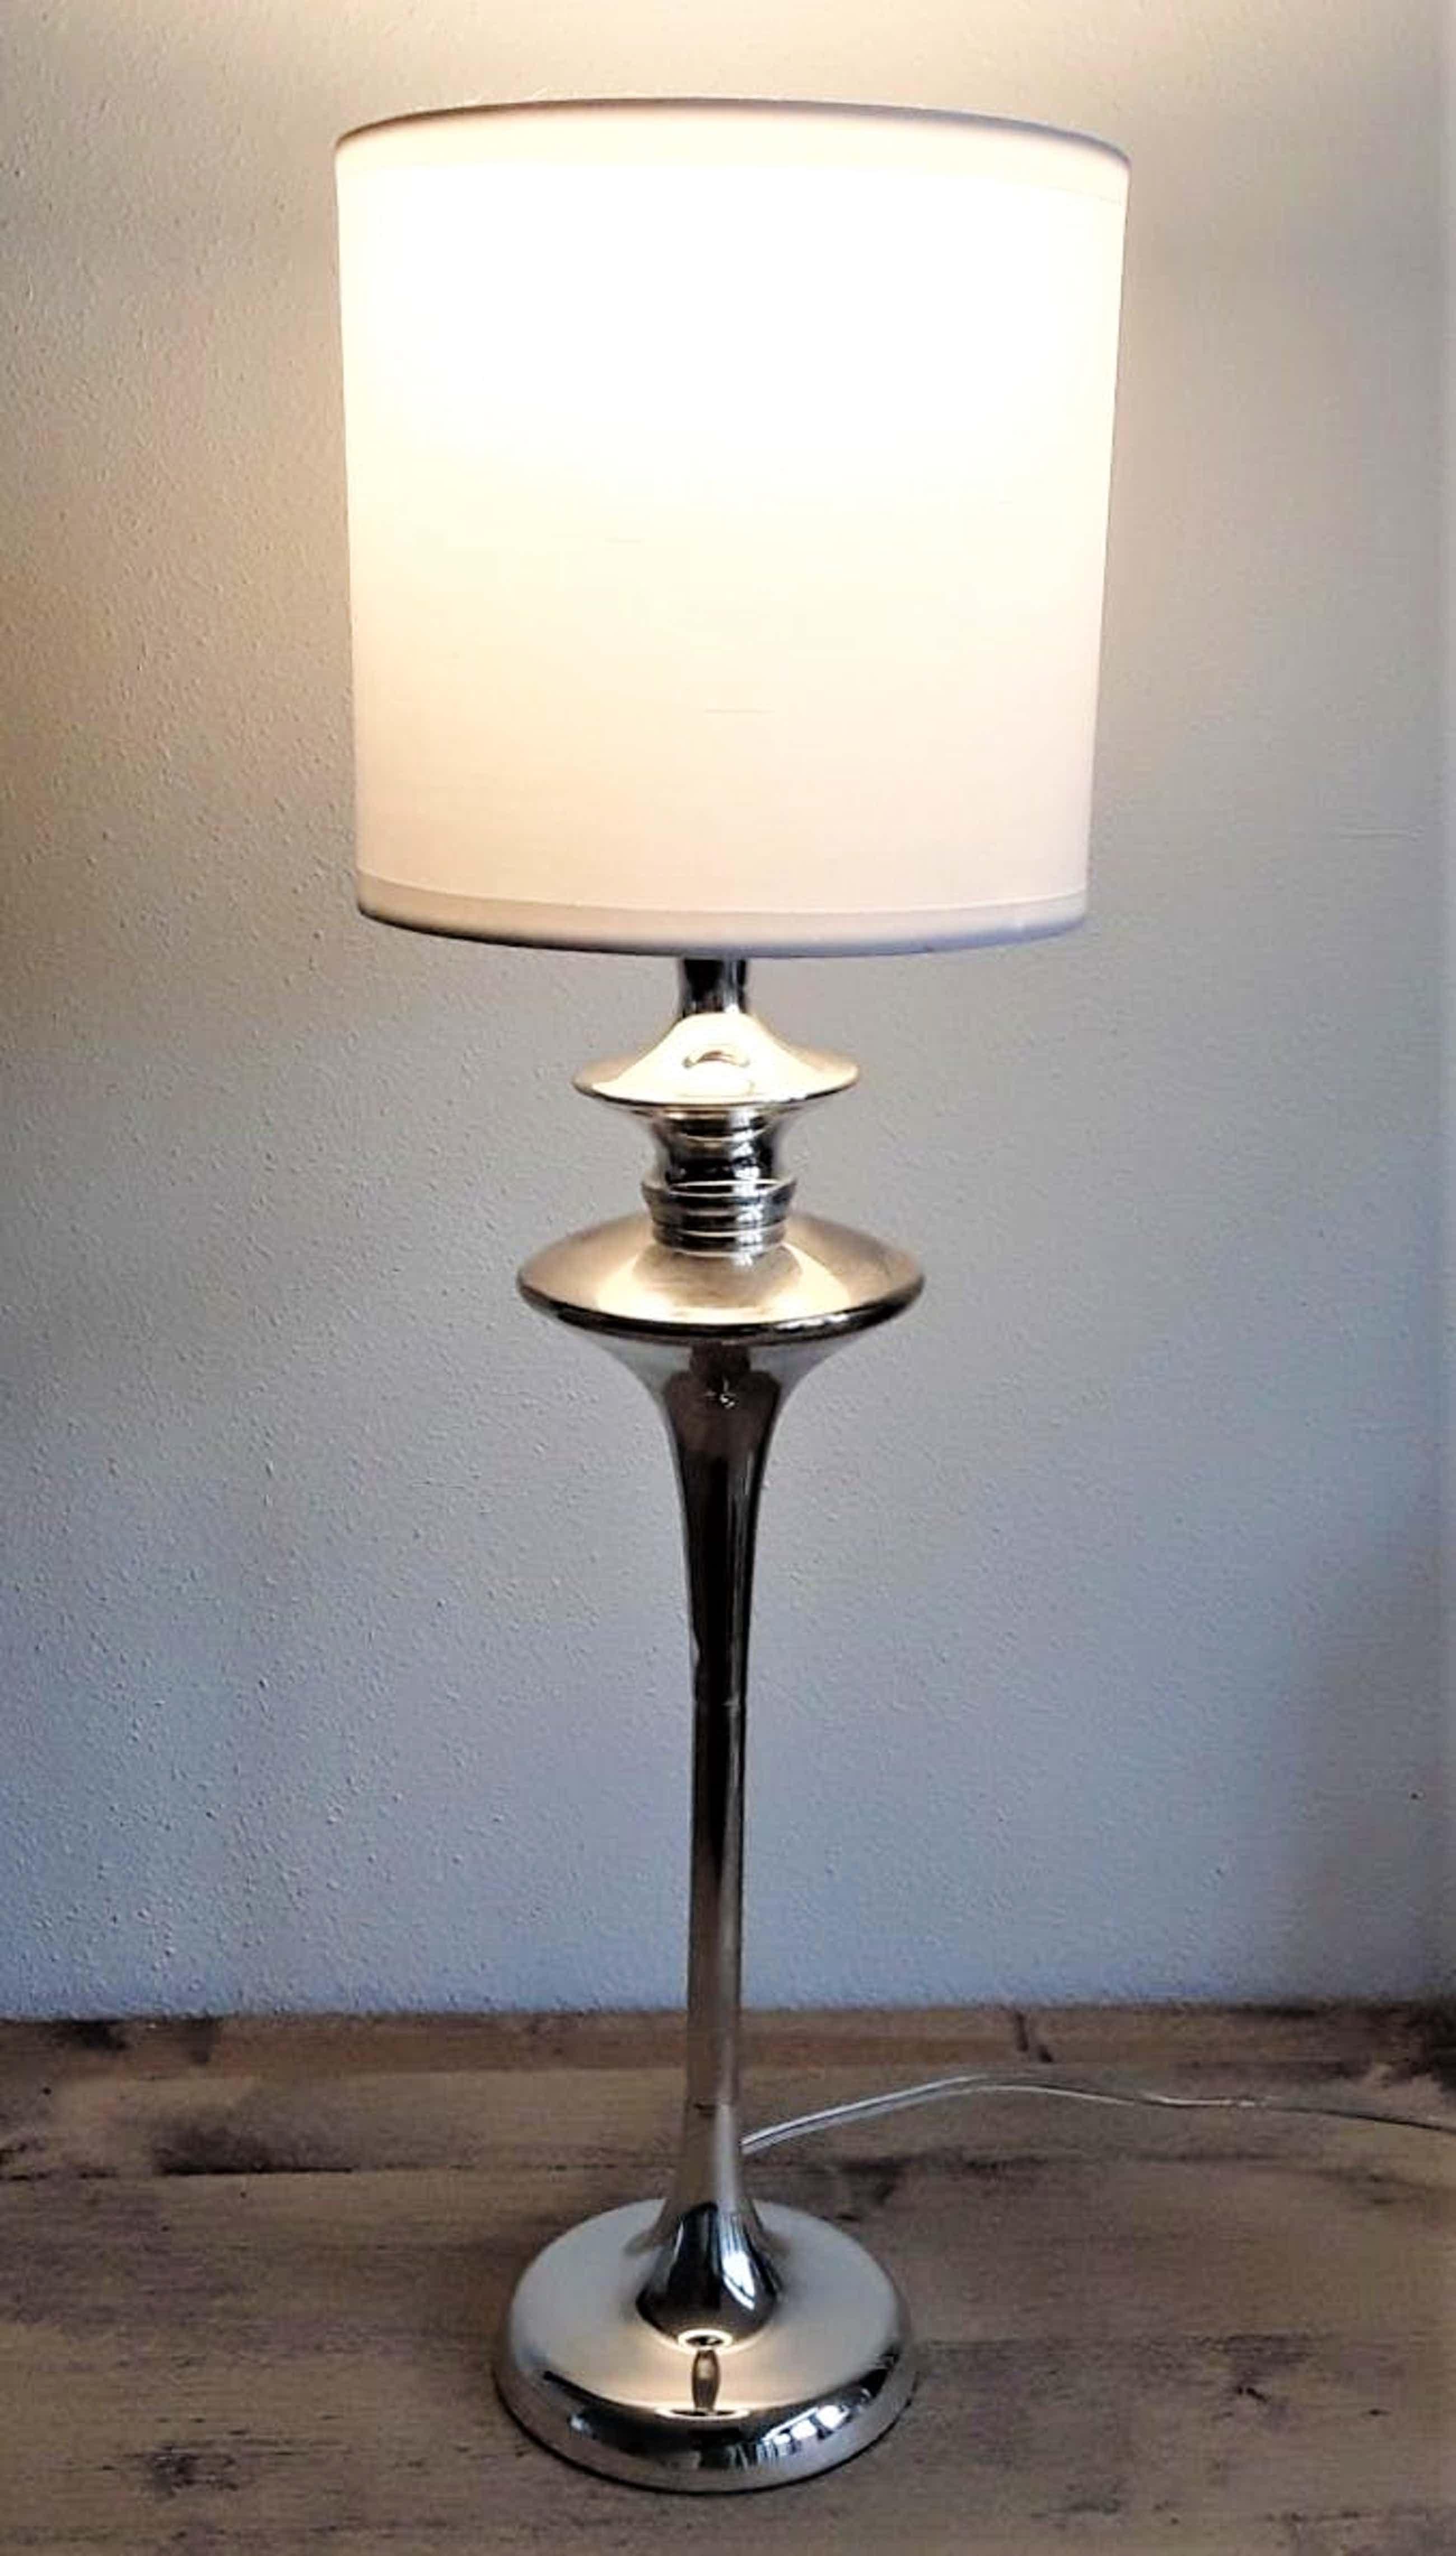 Niet of onleesbaar gesigneerd - Verchroomd stalen tafellamp Nr 1701359 met gemêleerde uitstraling kopen? Bied vanaf 30!